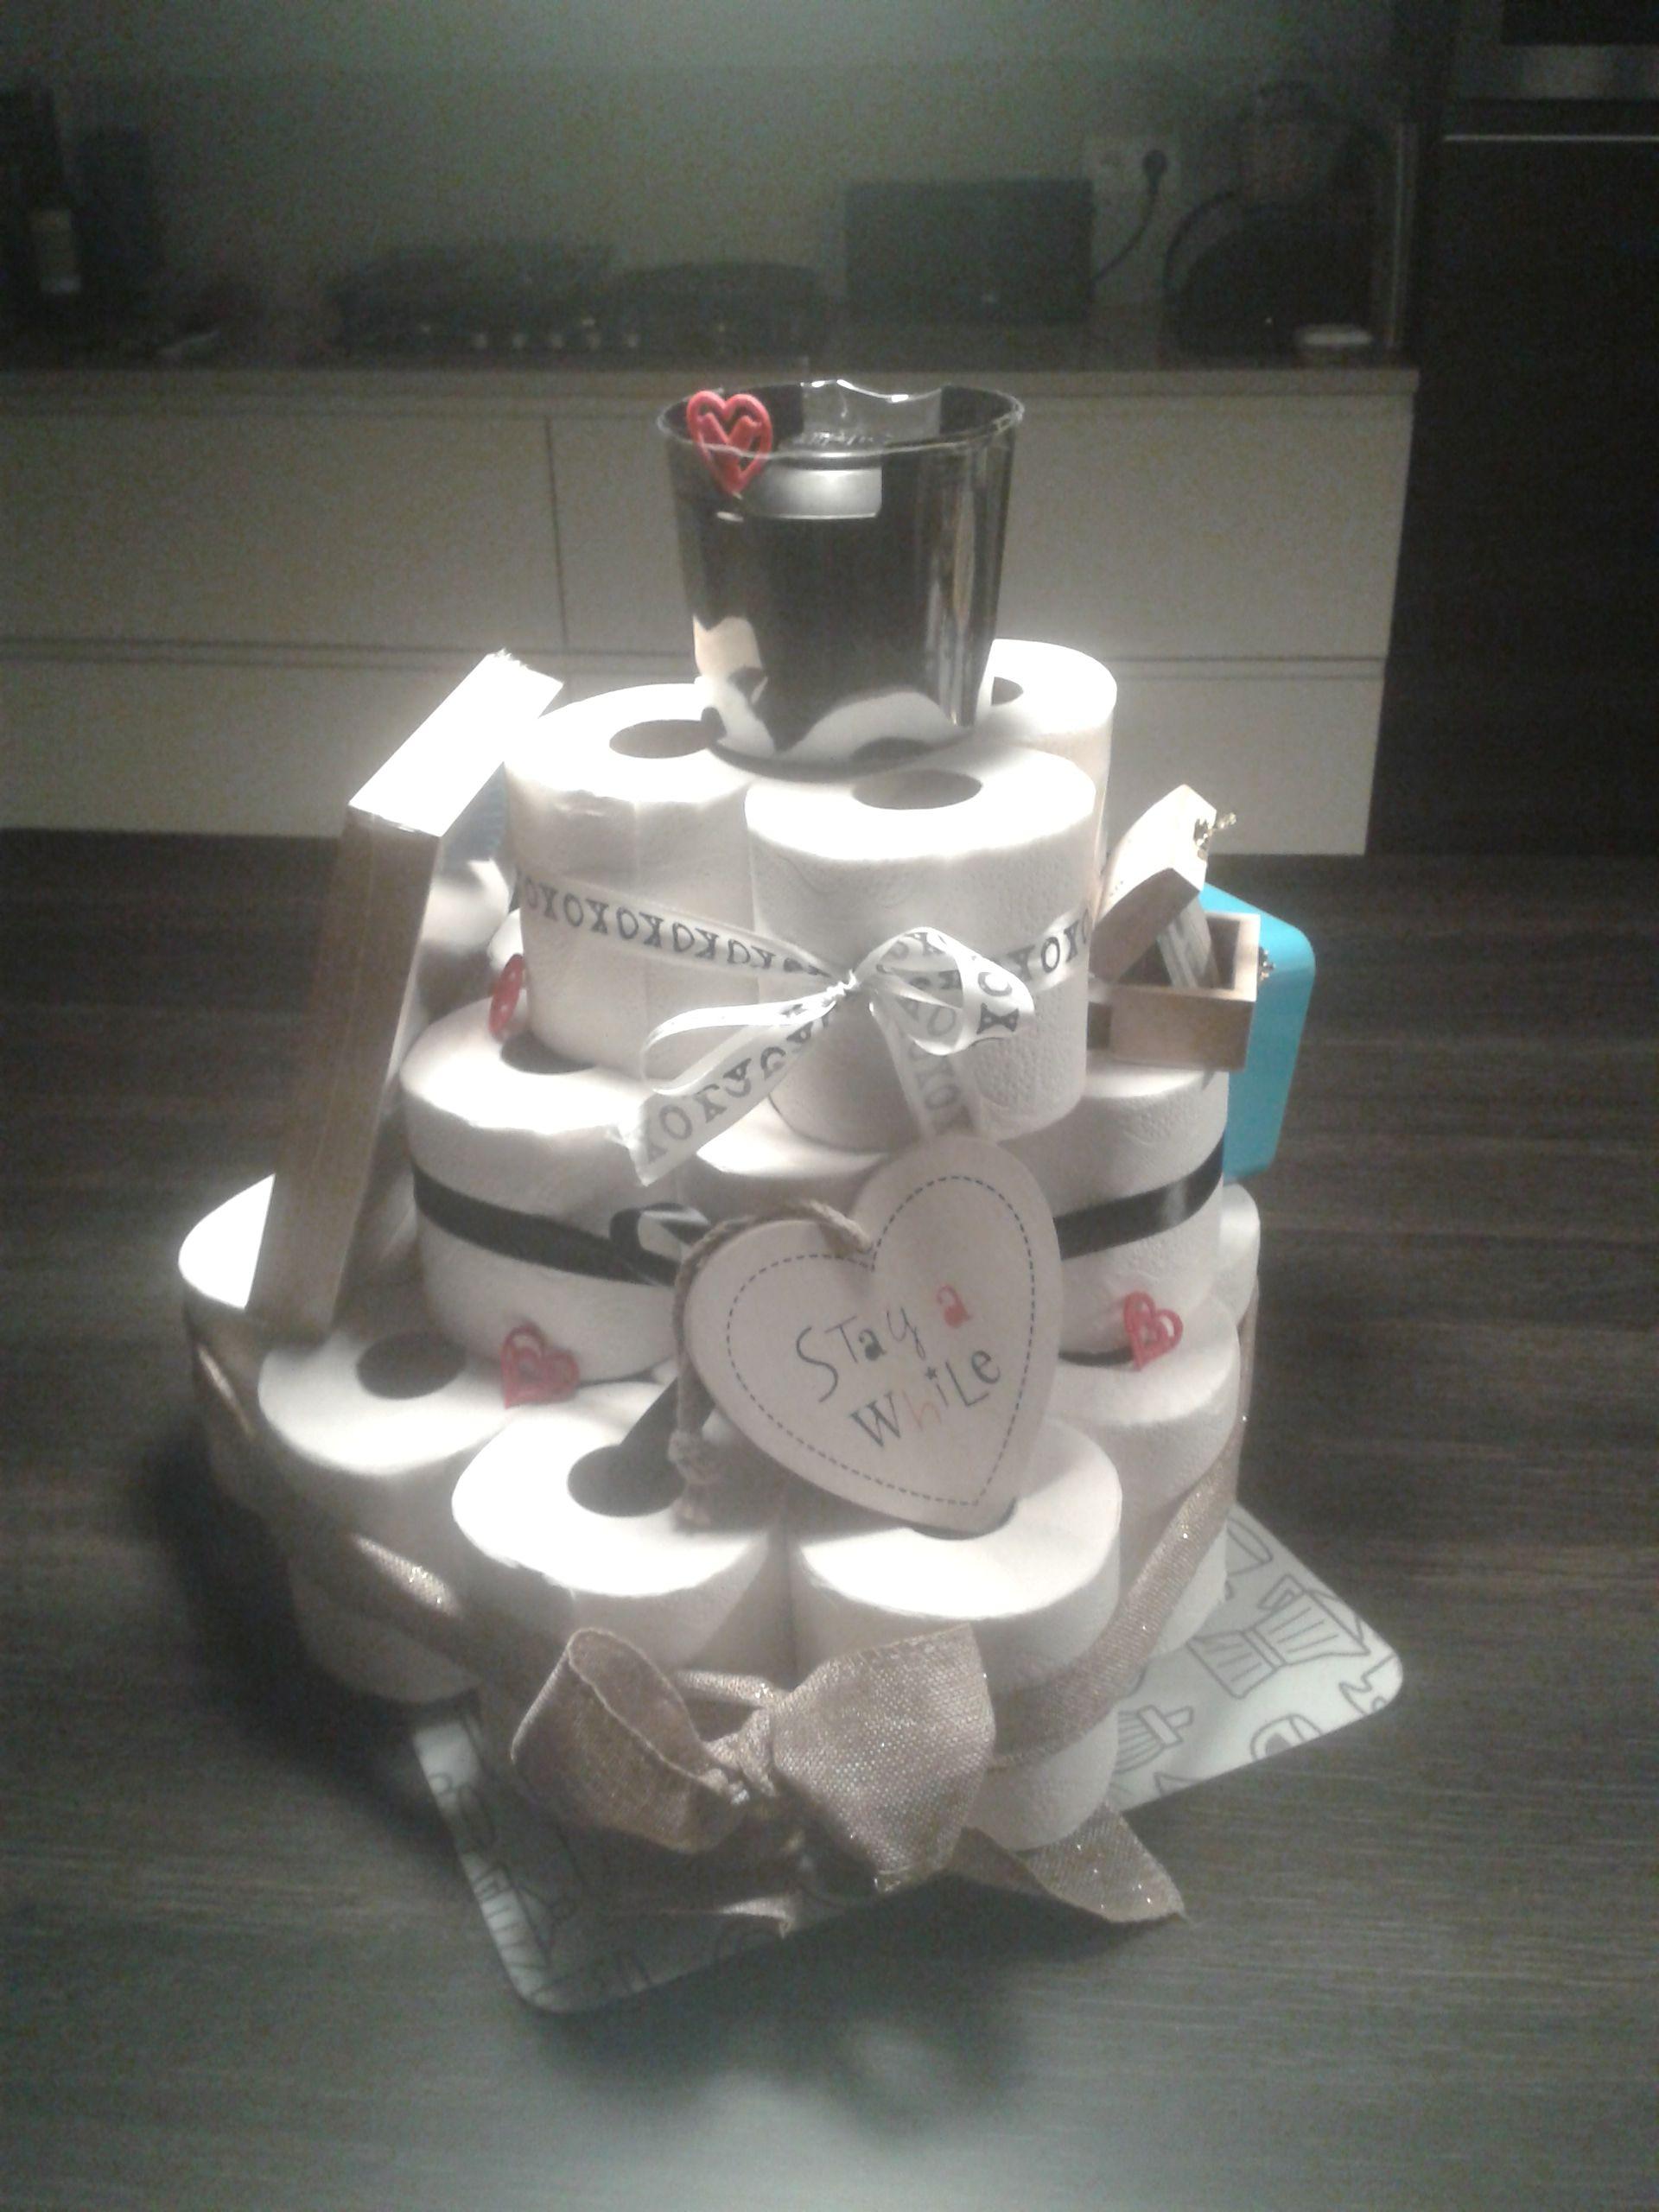 rol taart WC rol taart voor een instuif. Bevat :   WC rollen   WC borstel  rol taart